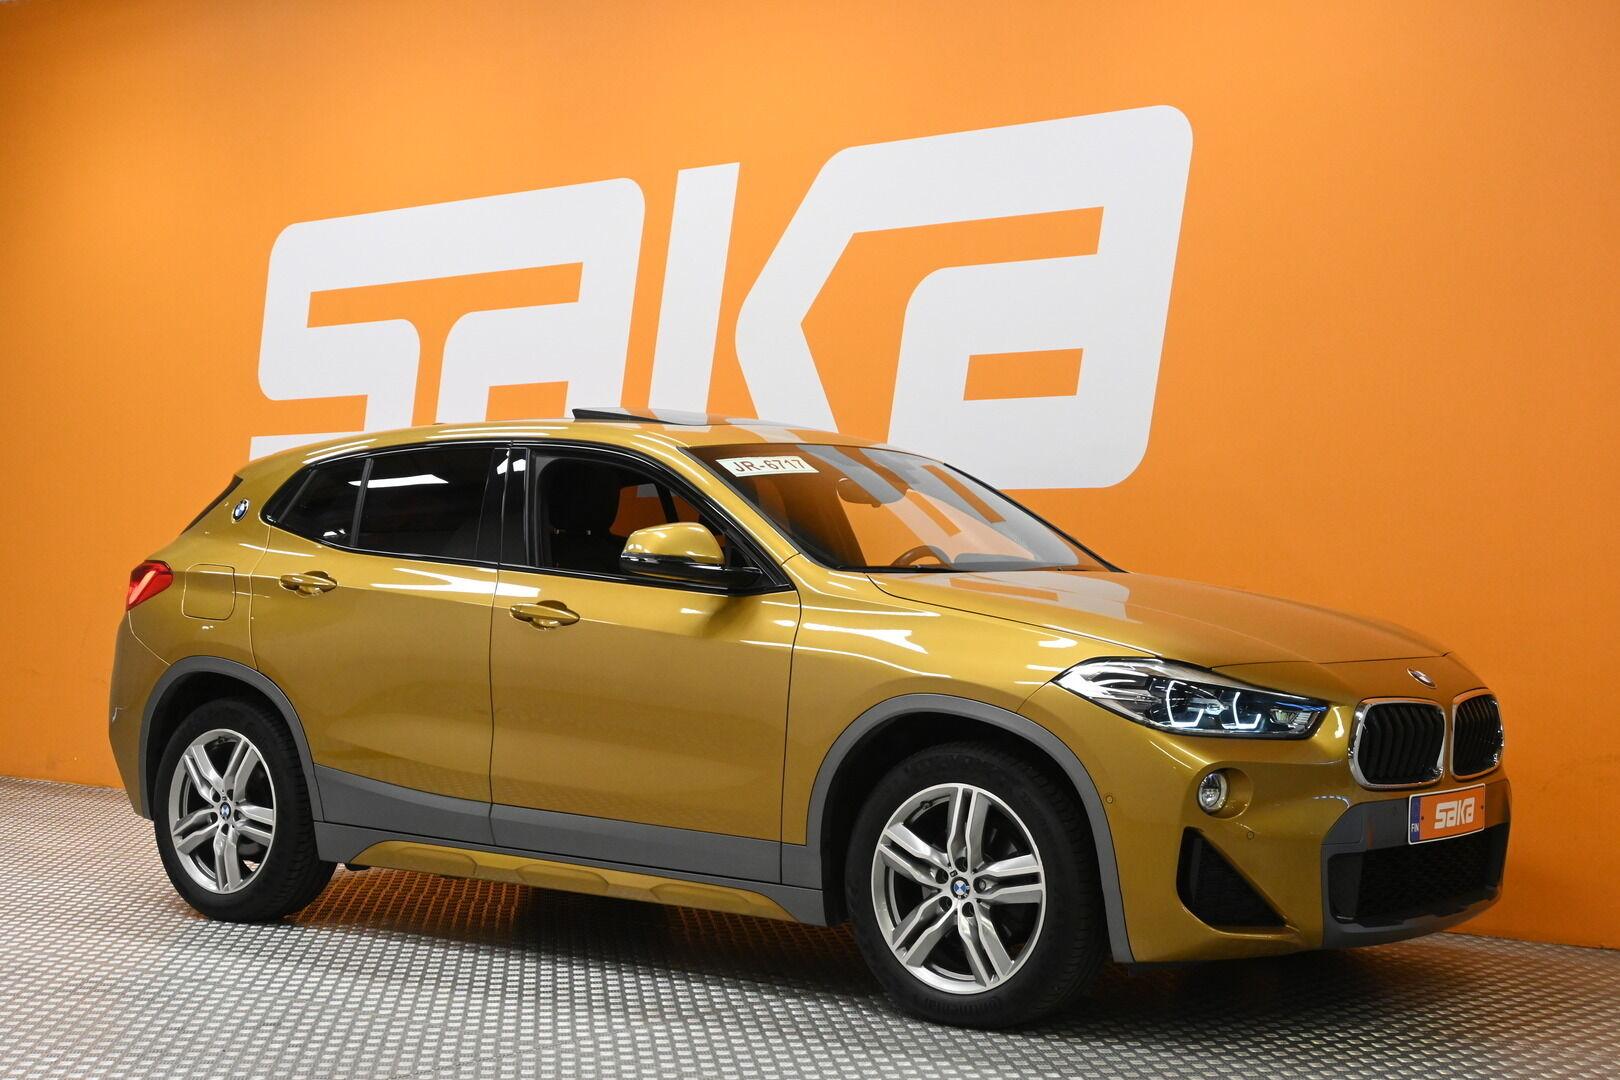 Keltainen Maastoauto, BMW X2 – KON-64359, kuva 1